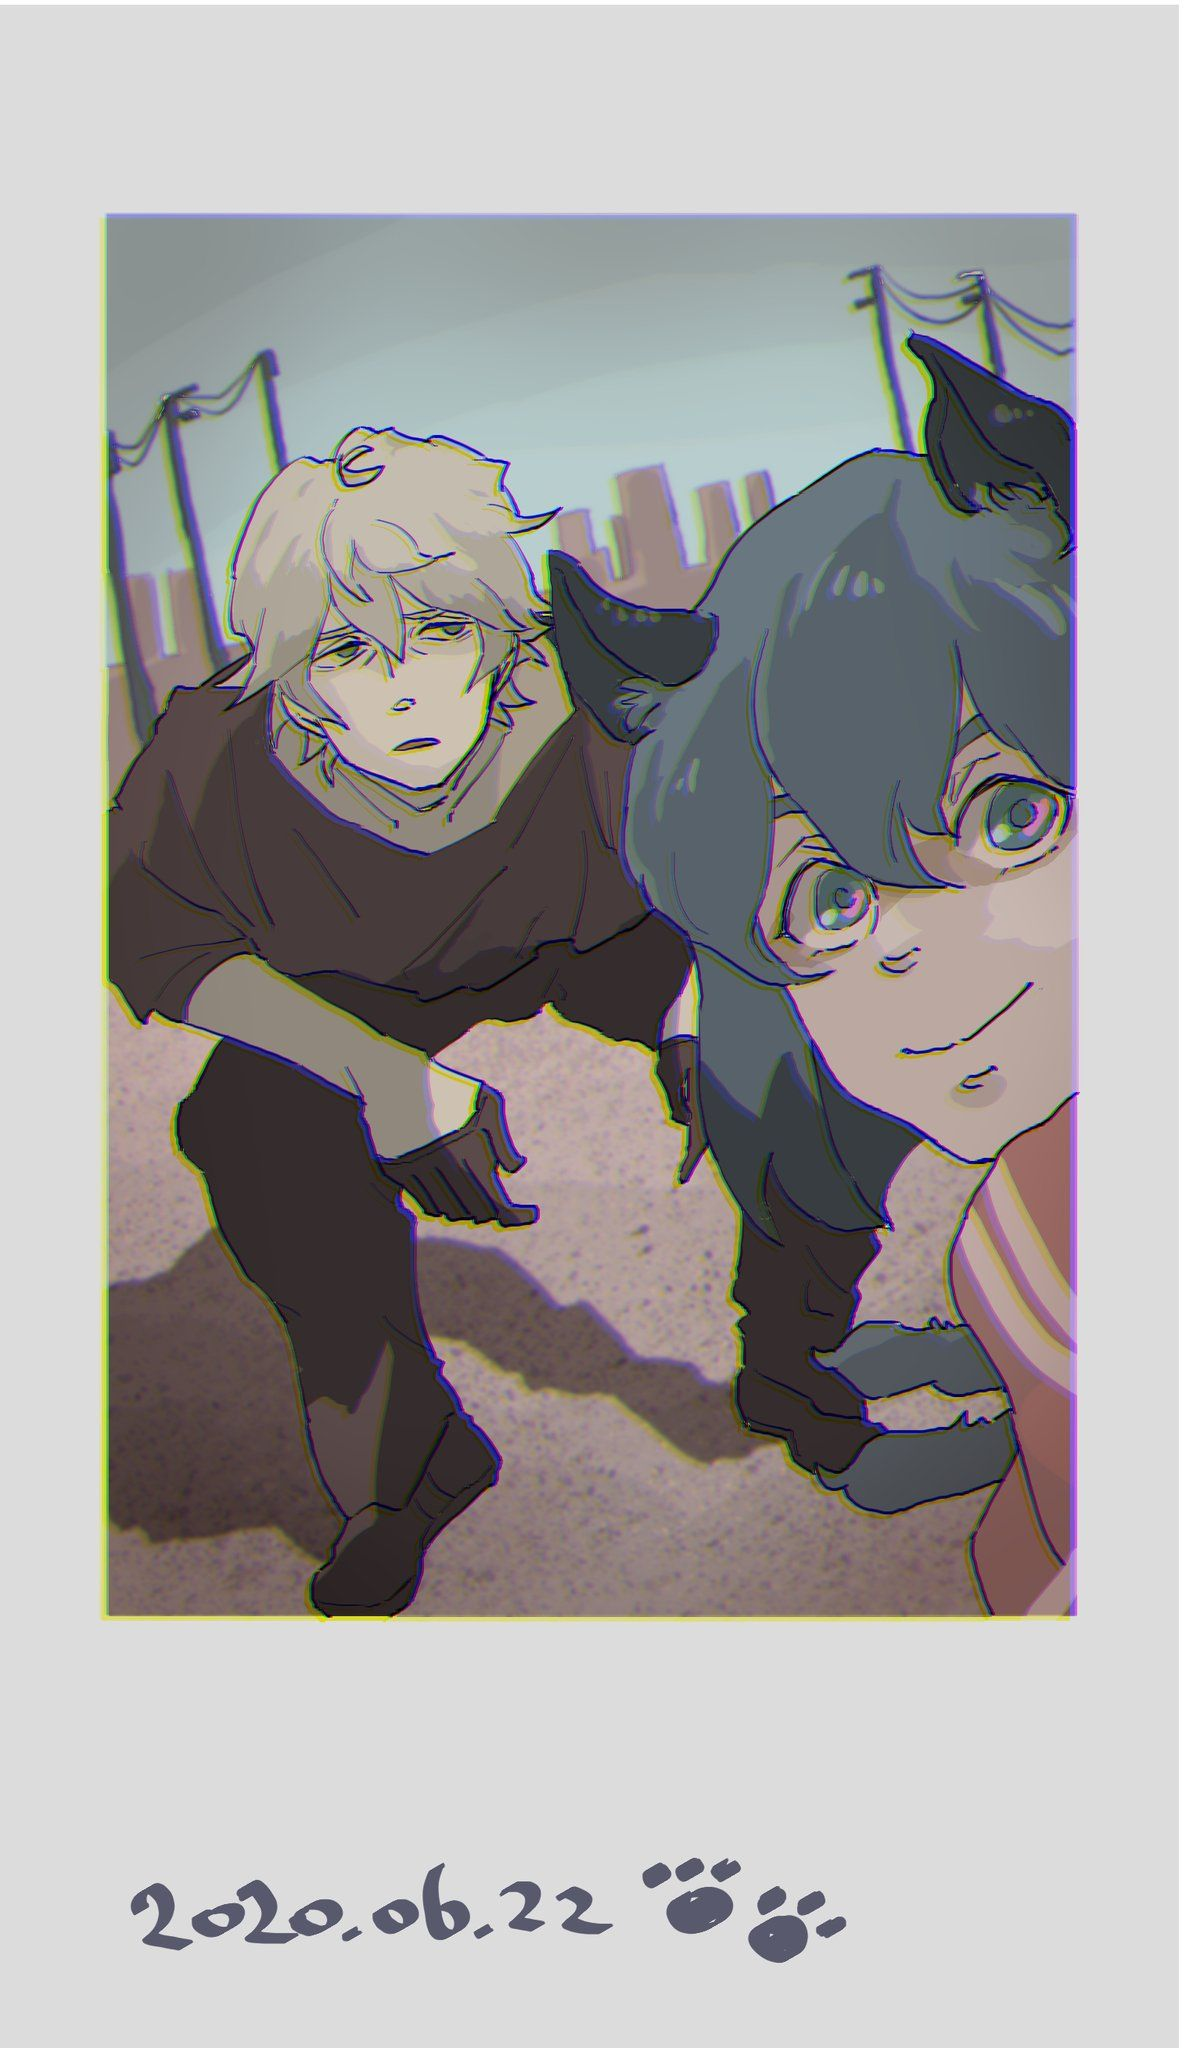 だーいけ on Twitter in 2020 Anime, Pencil art drawings, Fan art